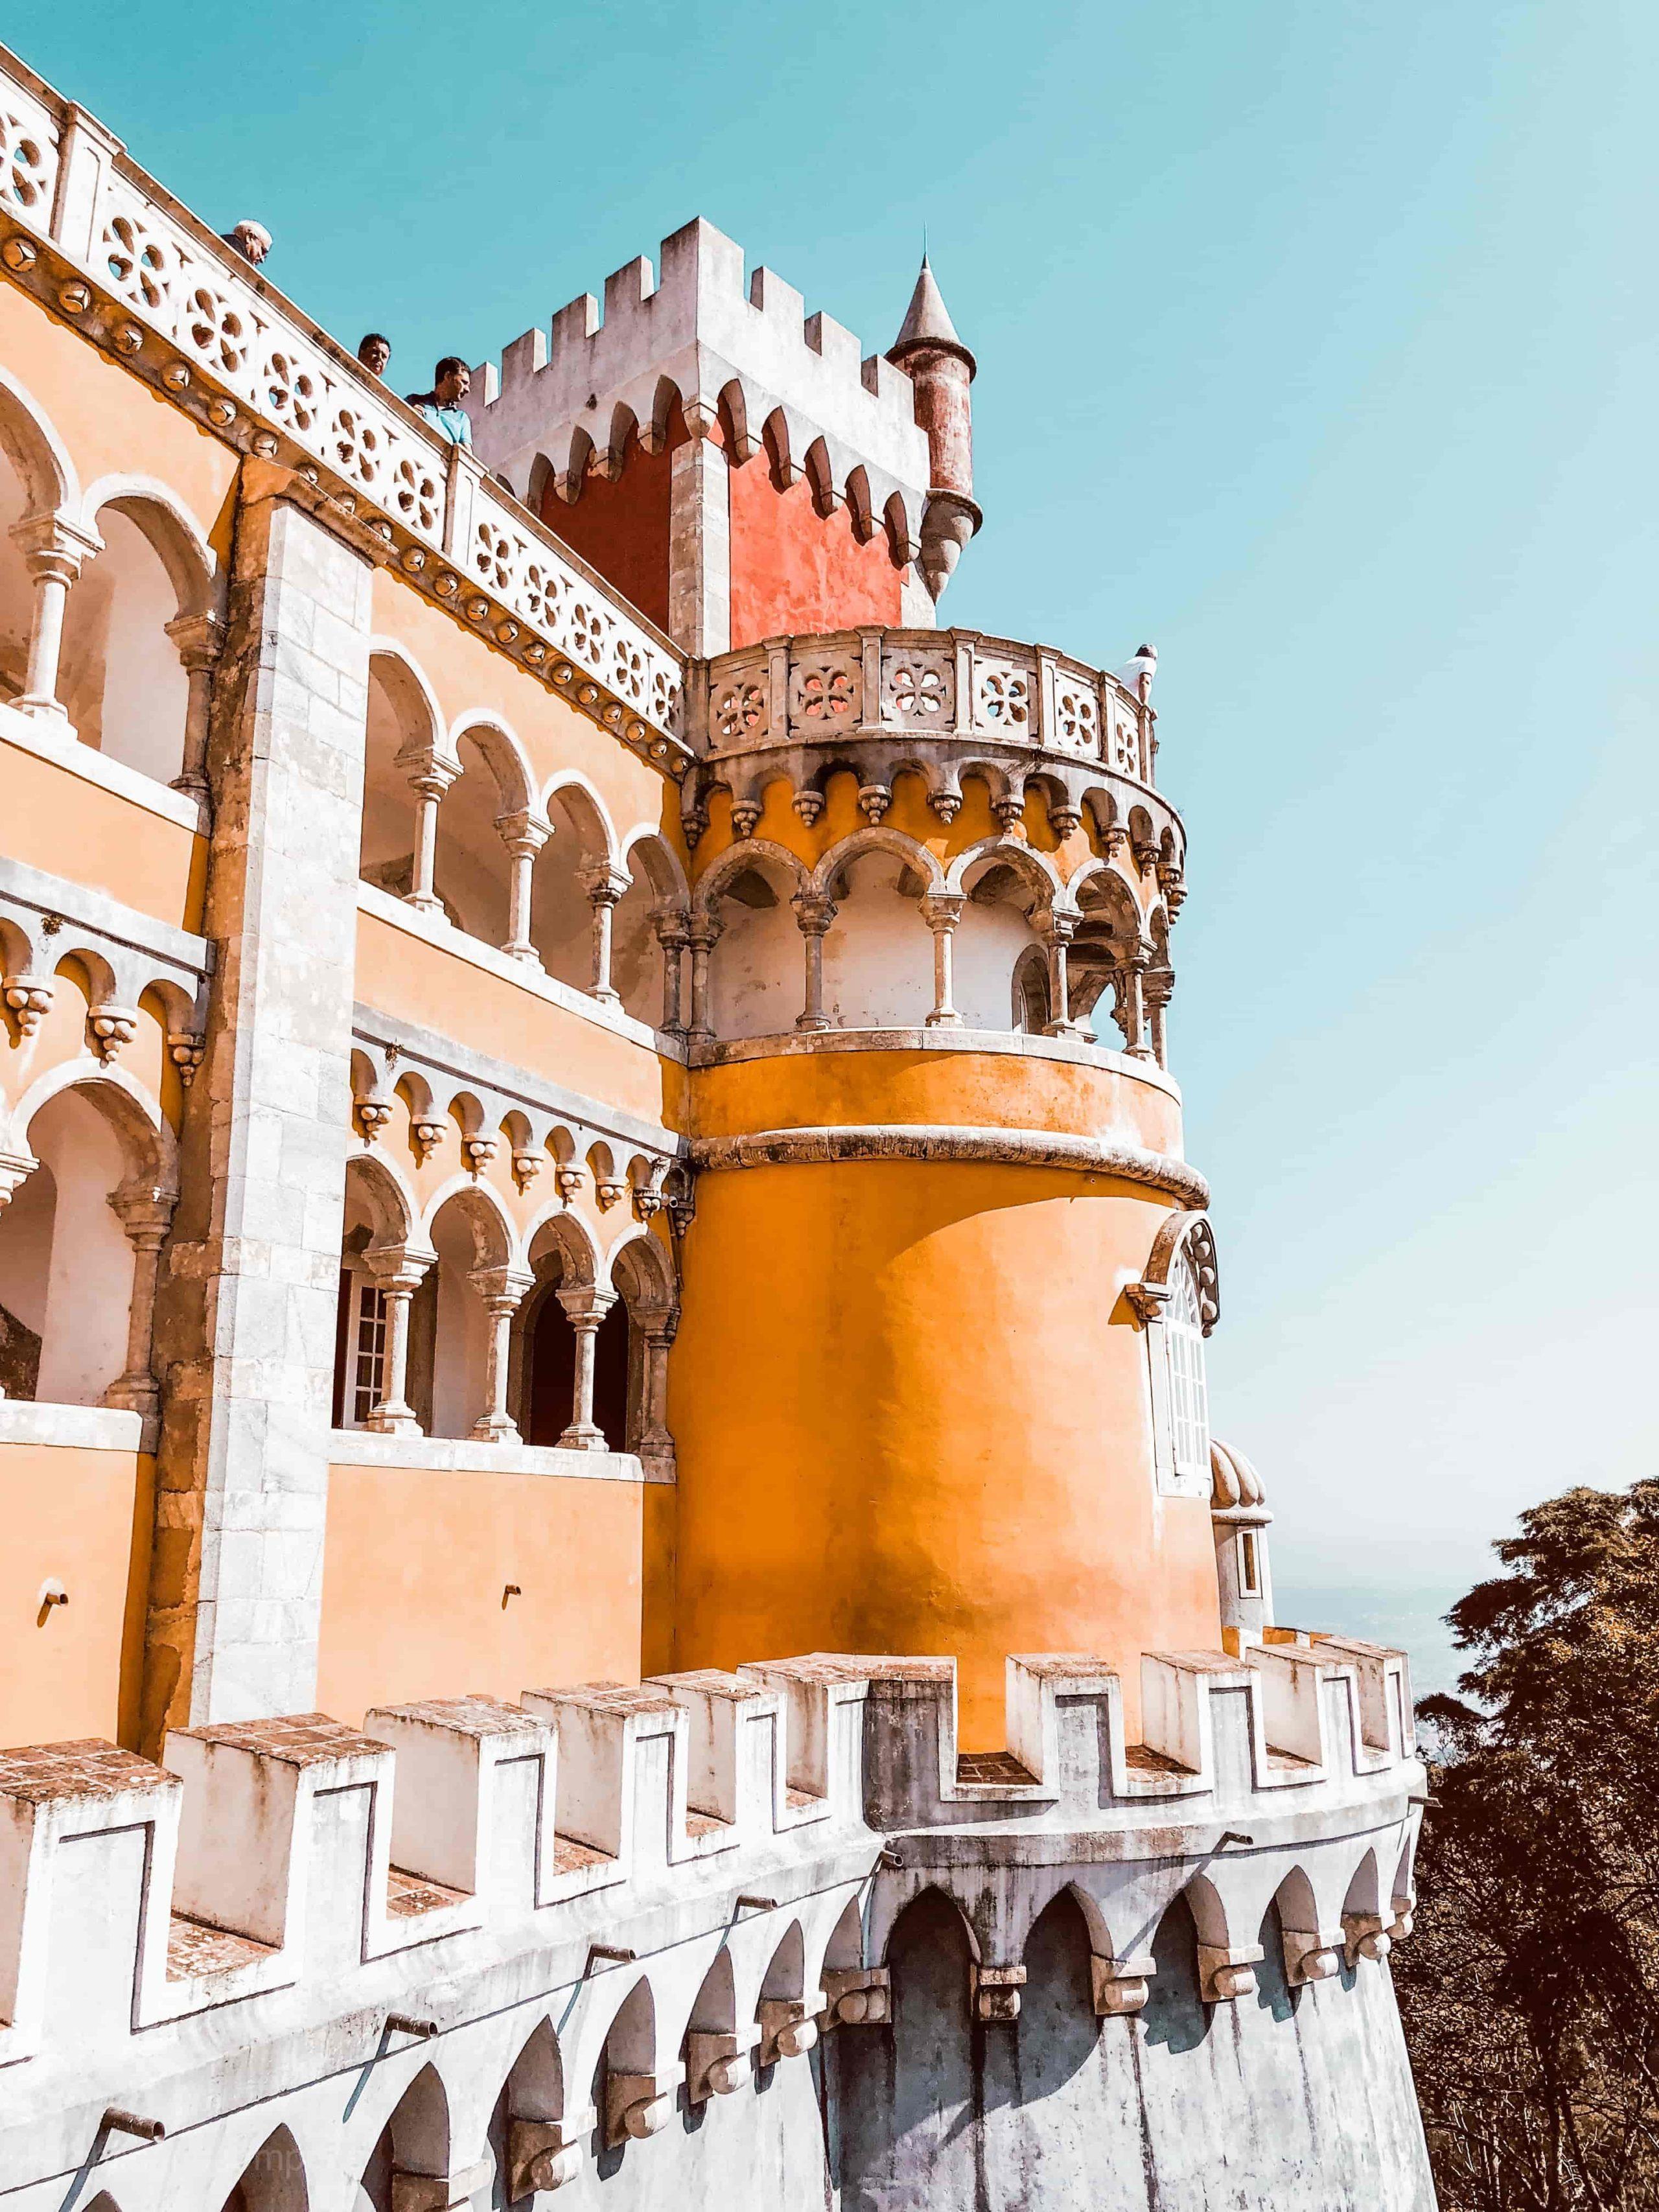 Städtereisen an Ostern, Tipps für Osterurlaub, Städtetrip an Ostern, Penha Palast, Sehenswürdigkeiten Sintra